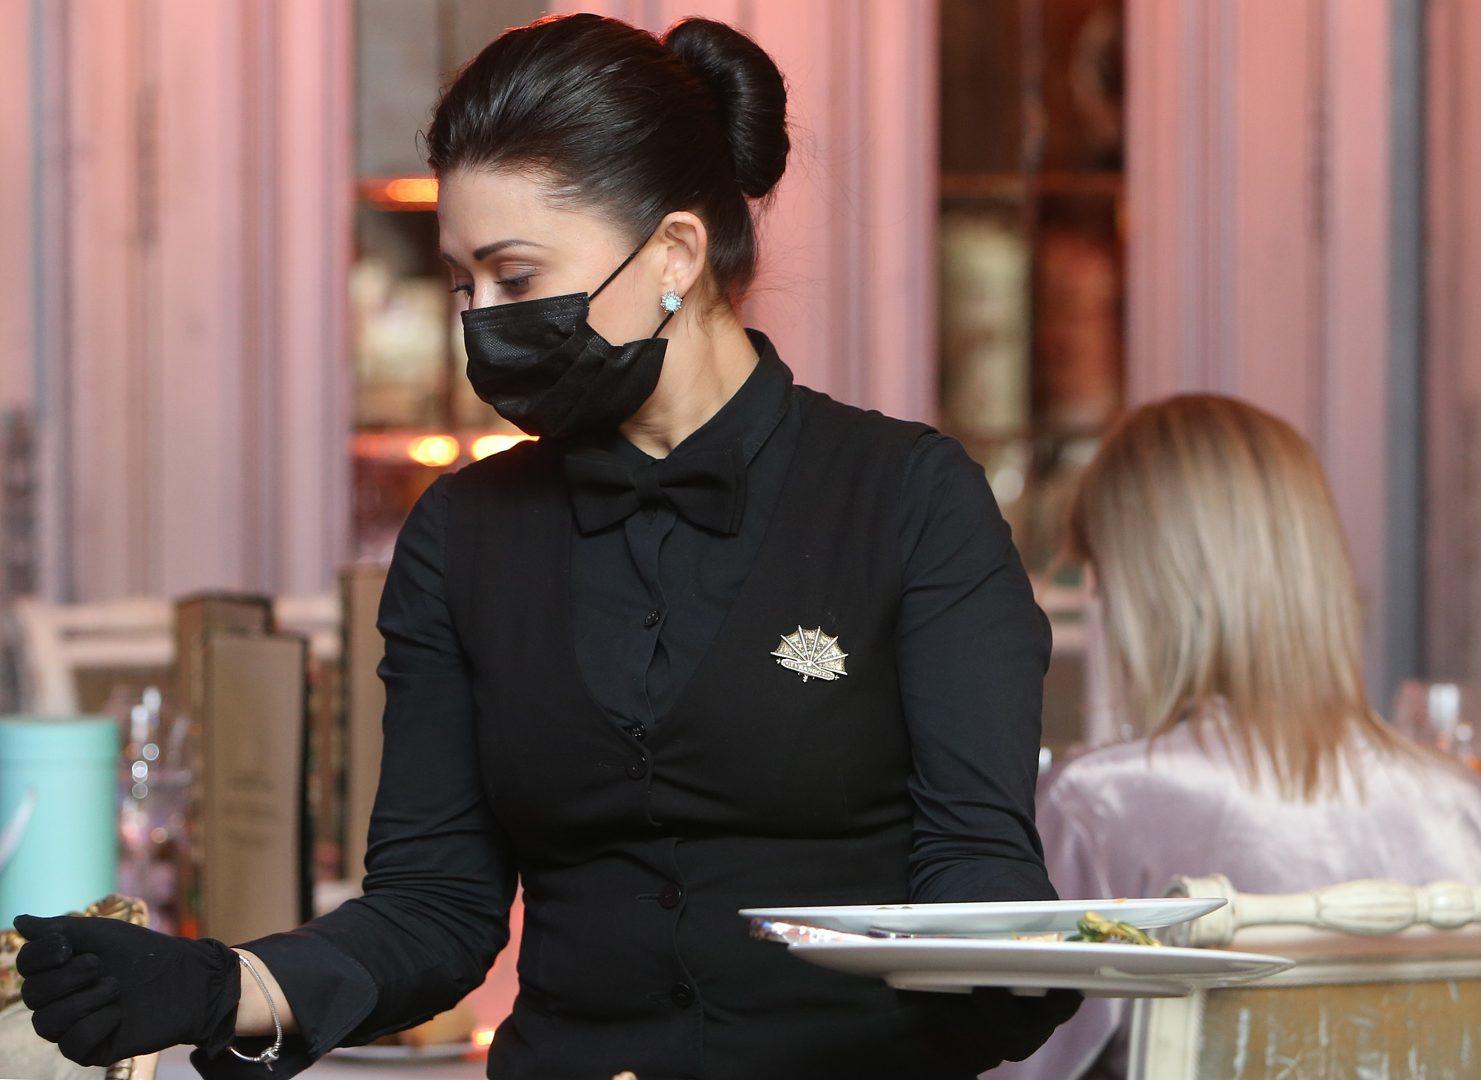 """Посетители работавшего ночью высотного ресторана в """"Москва-Сити"""" подрались, покидая заведение в момент рейда. Фото: архив"""